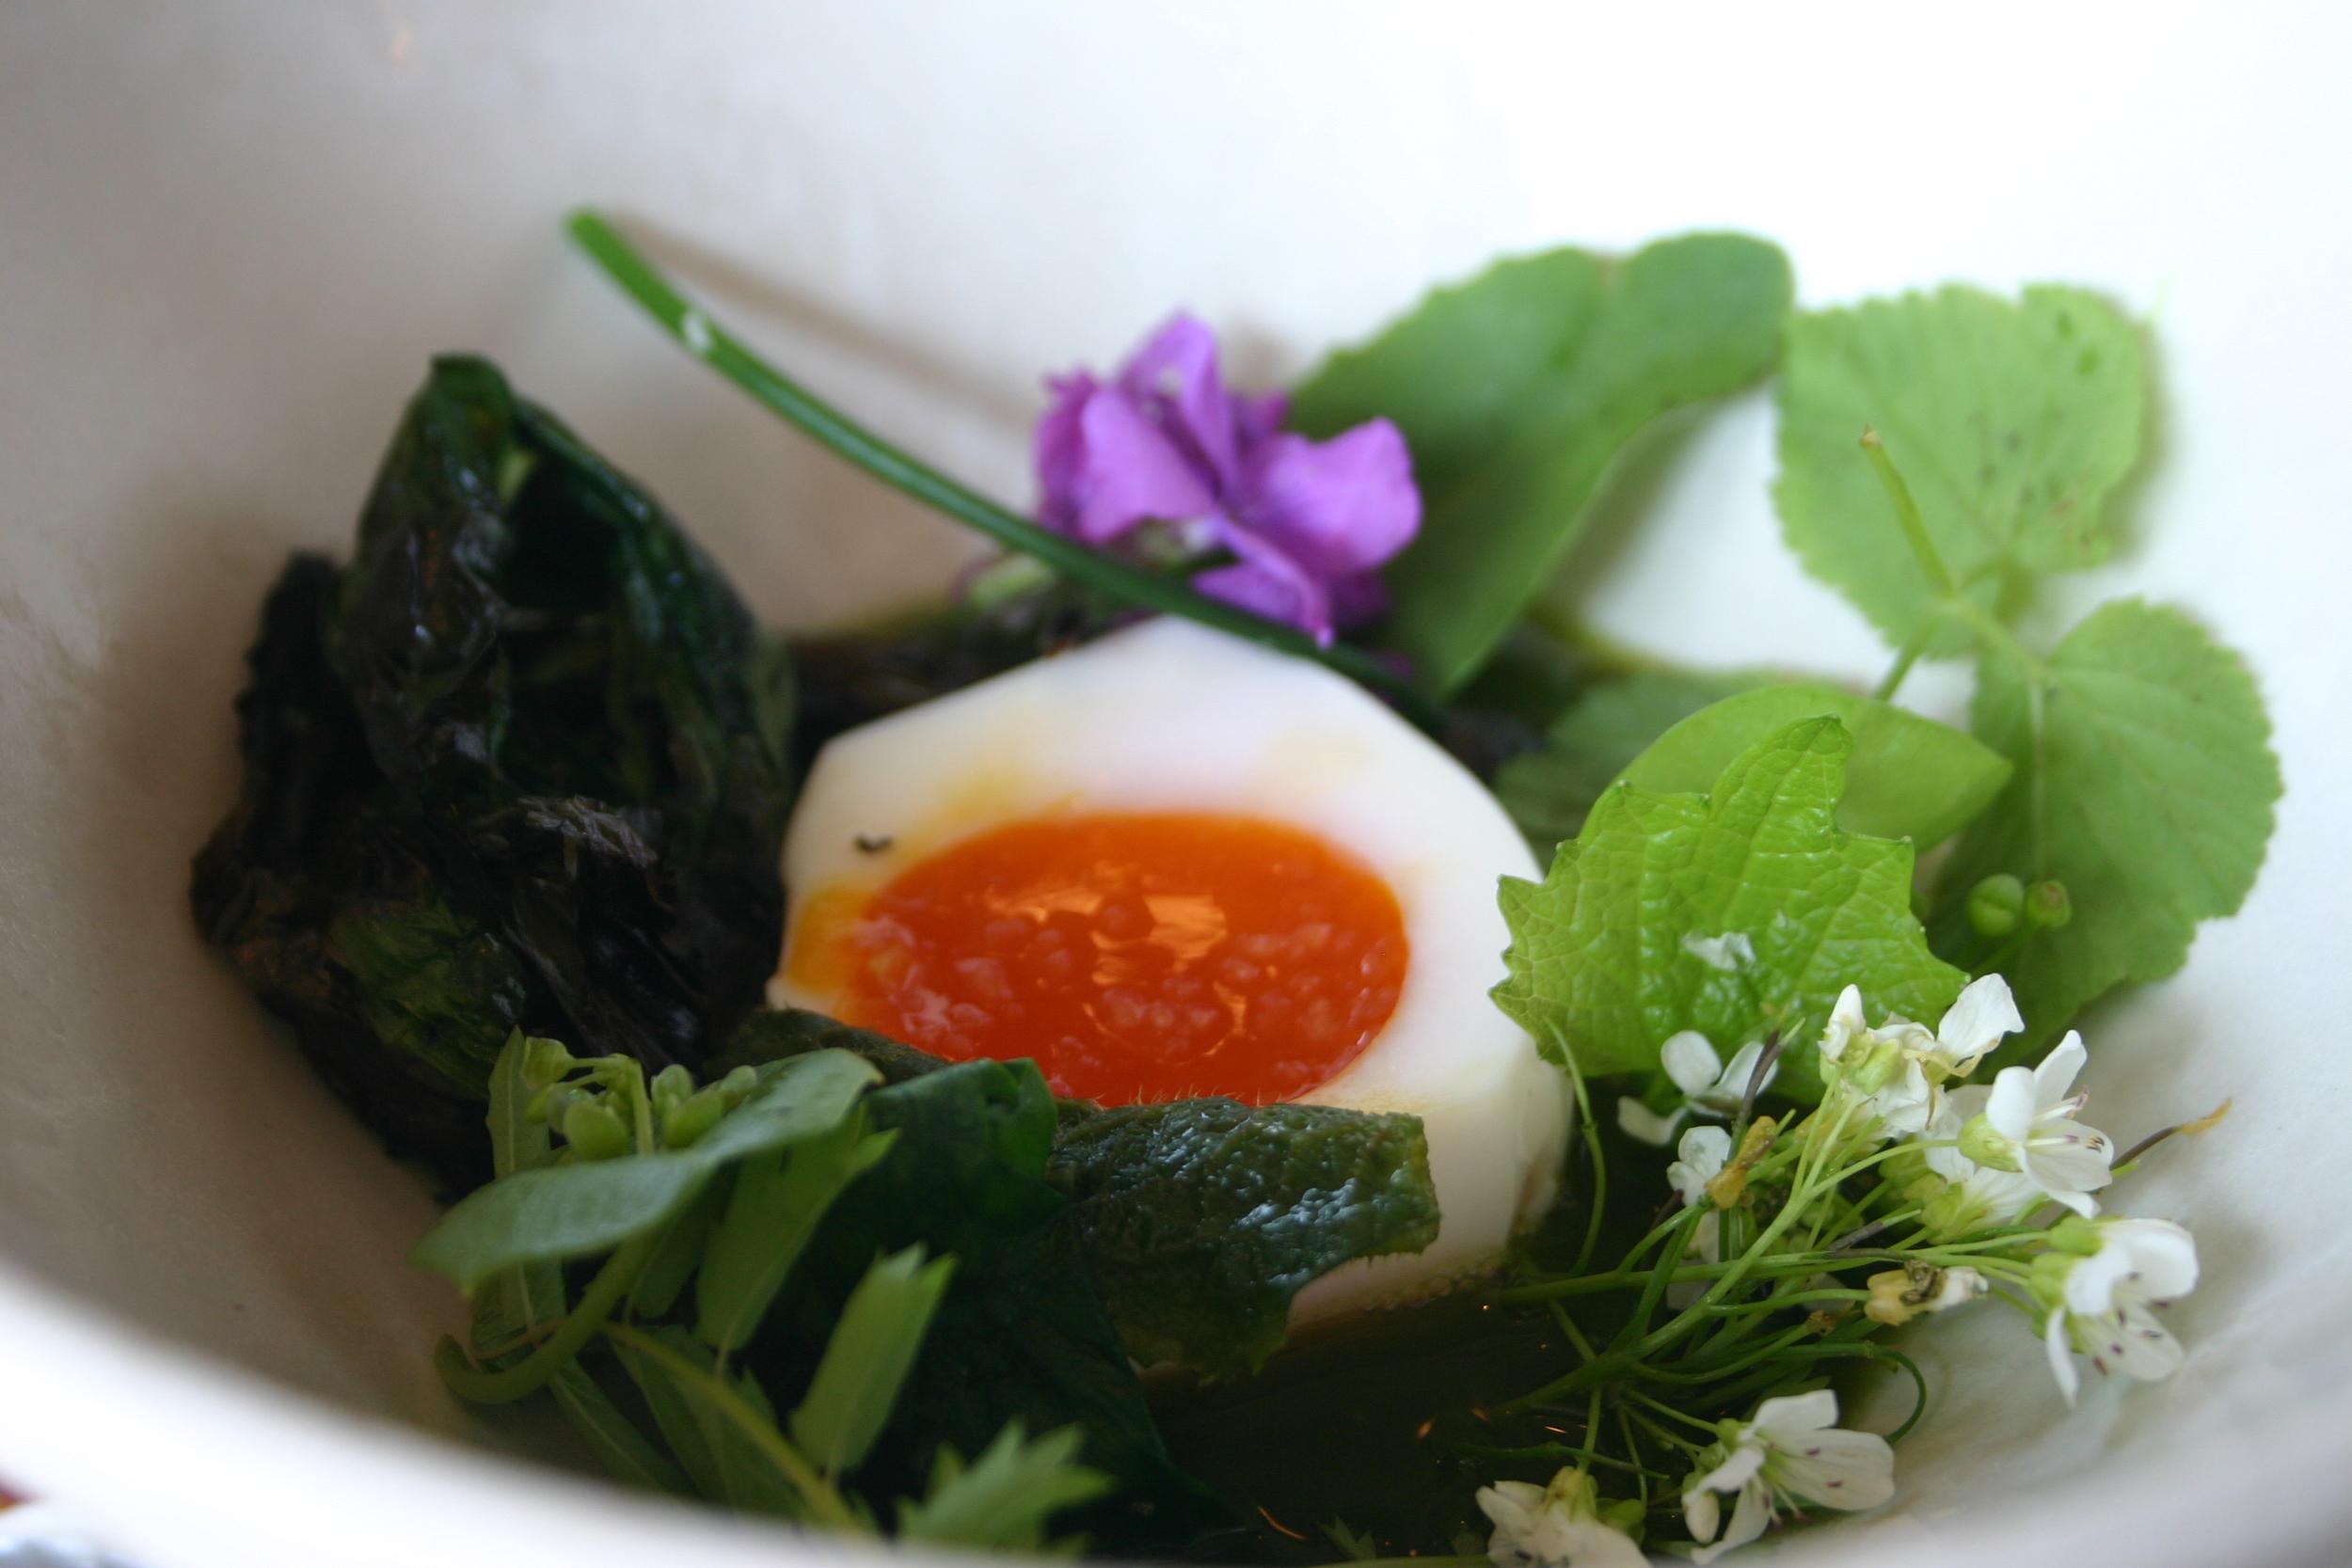 Ördek yumurtası, taze yeşillikler ve yabani sarımsak sosu